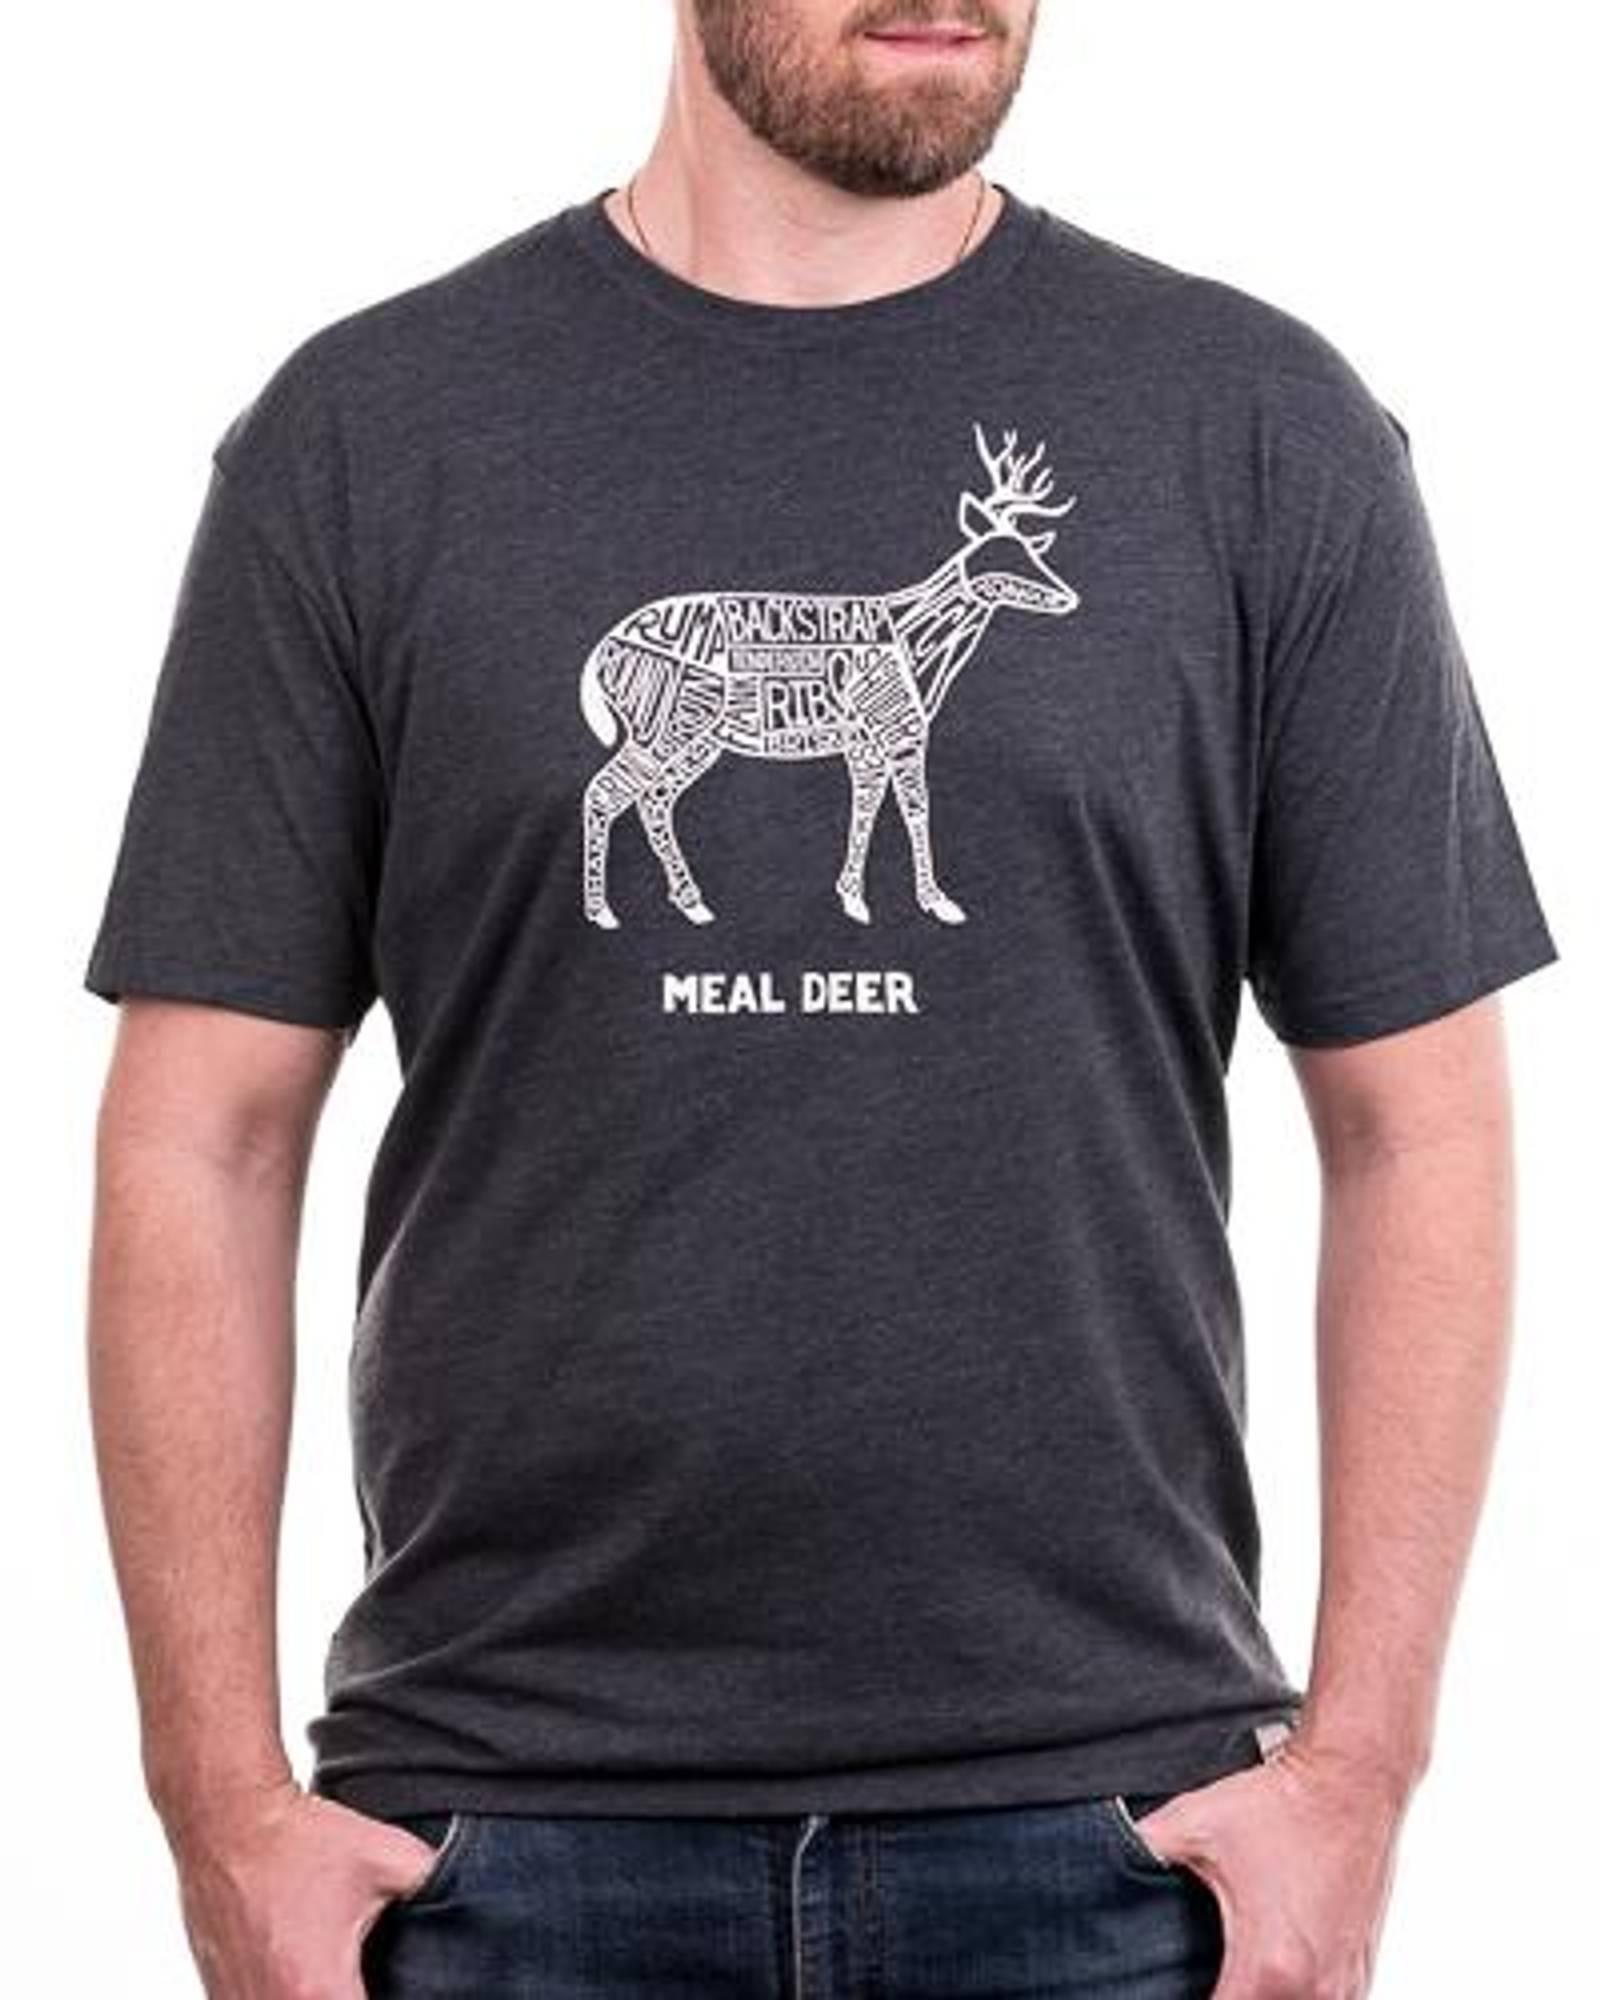 Meal Deer